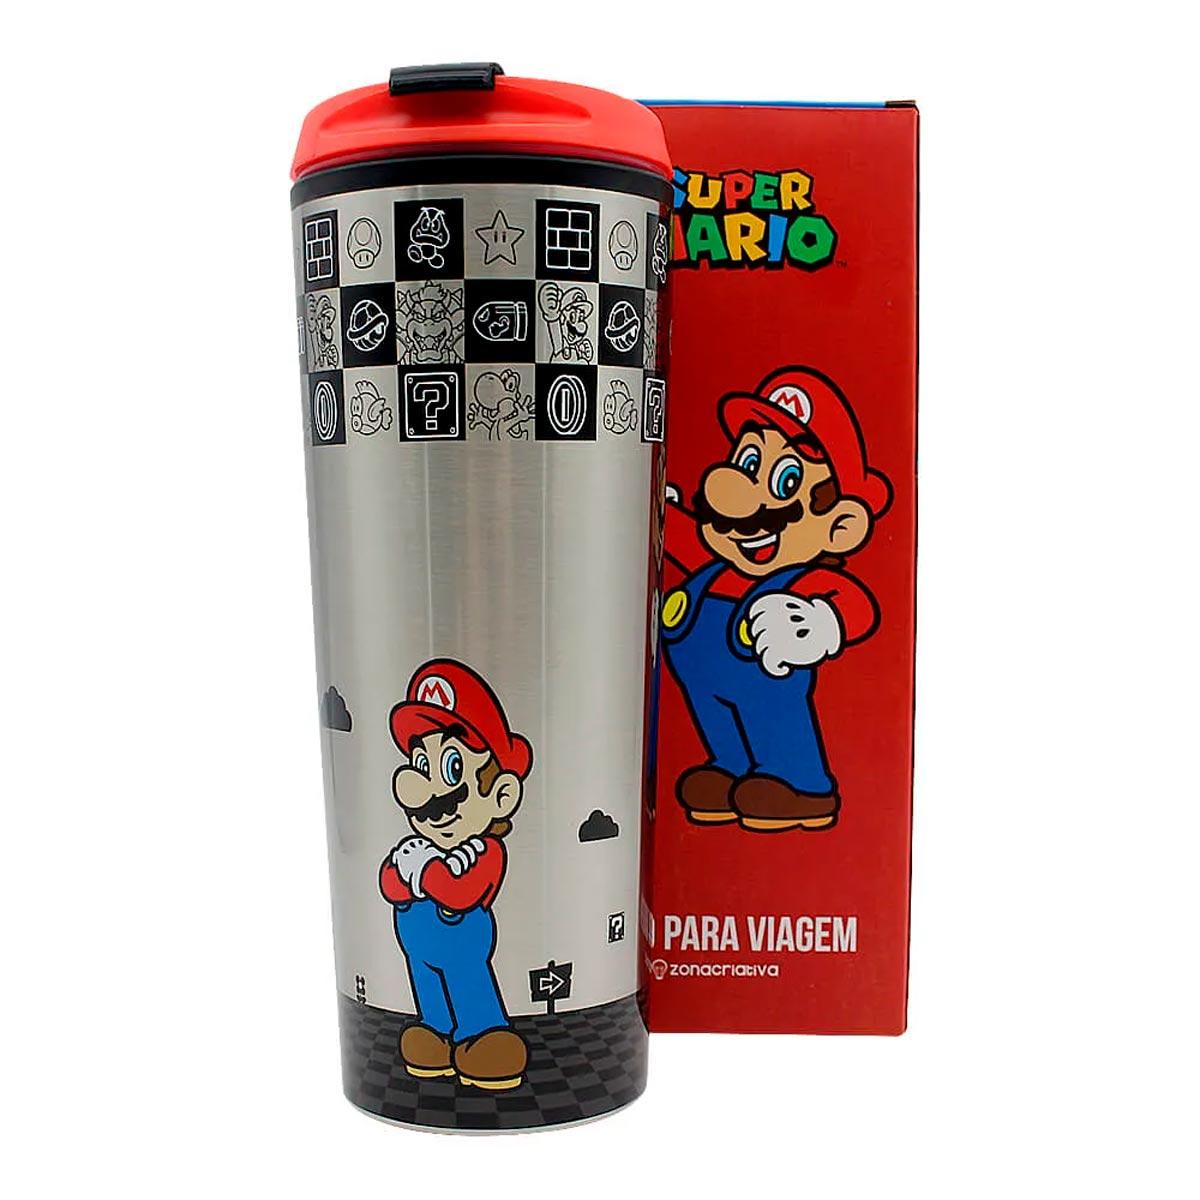 Copo Para Viagem Super Mario Kart 450 ml - Presente Super